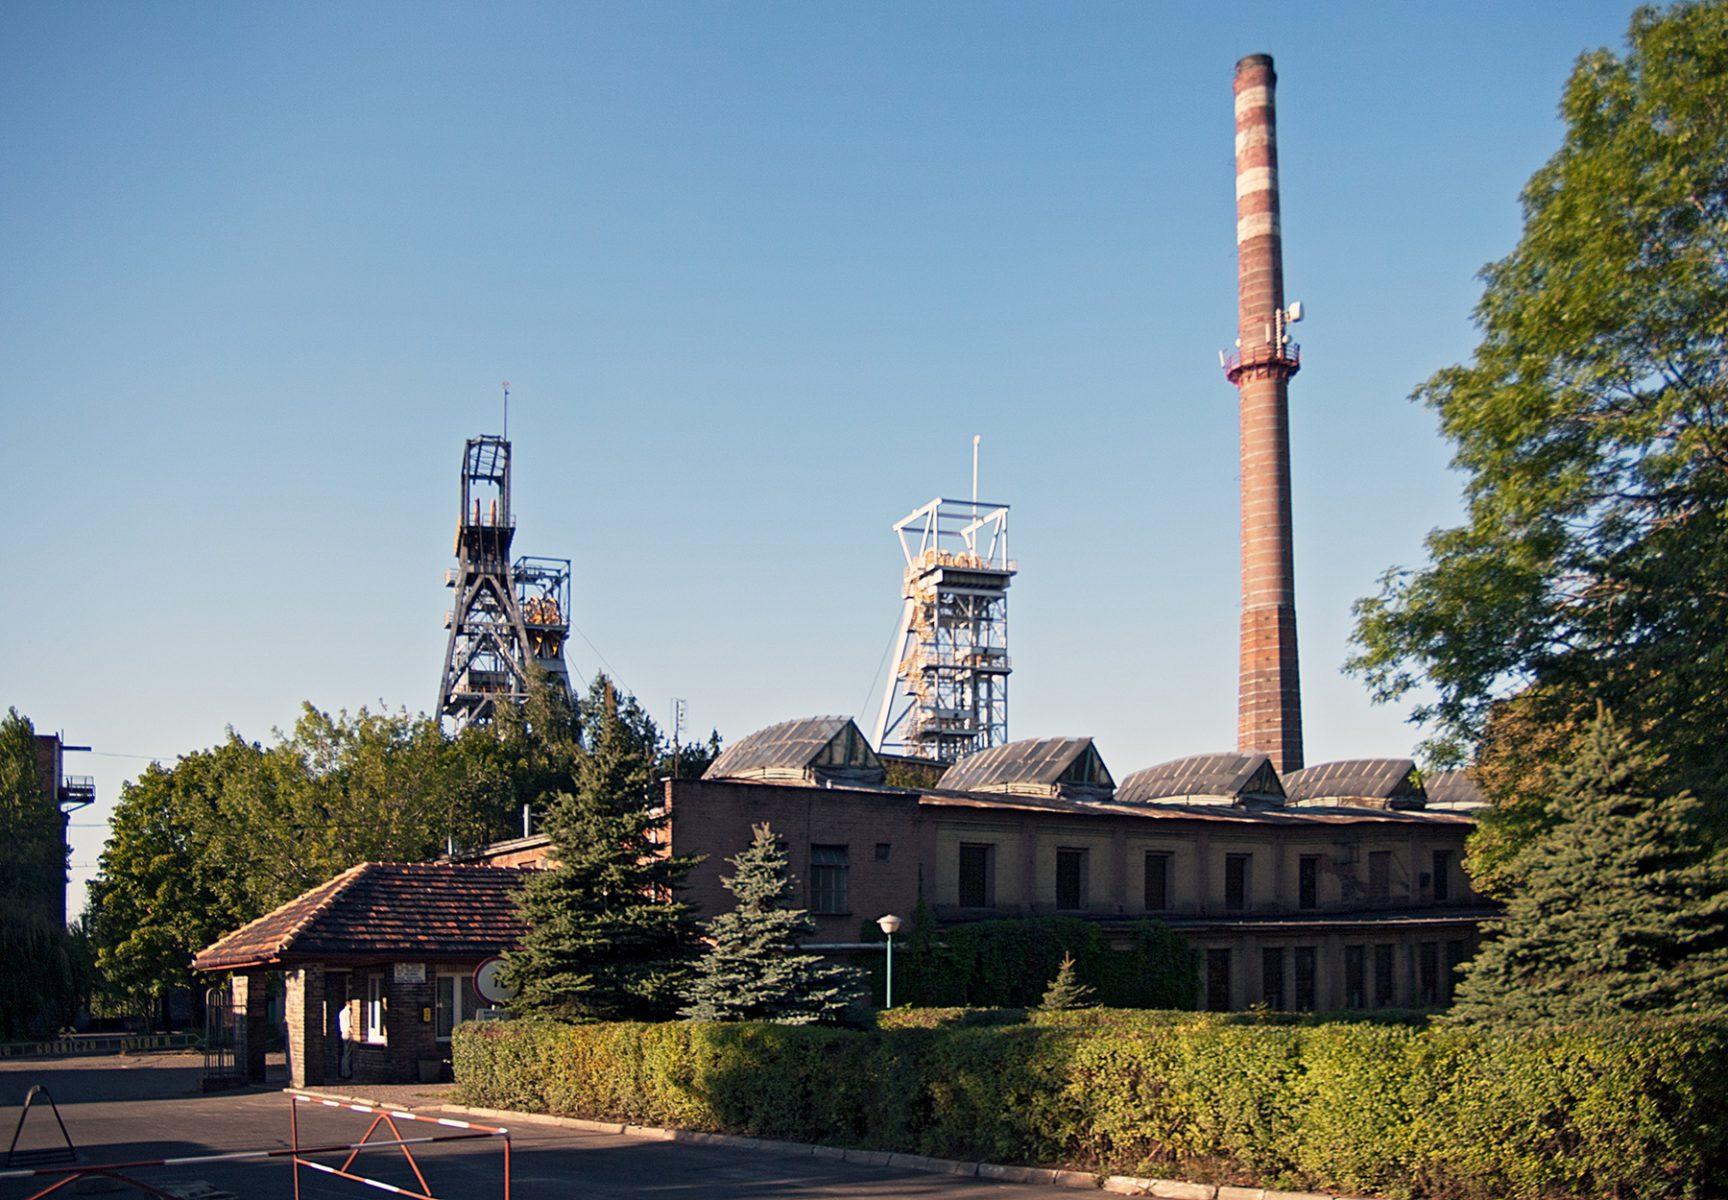 Schornstein und Kohle-Fördertütme